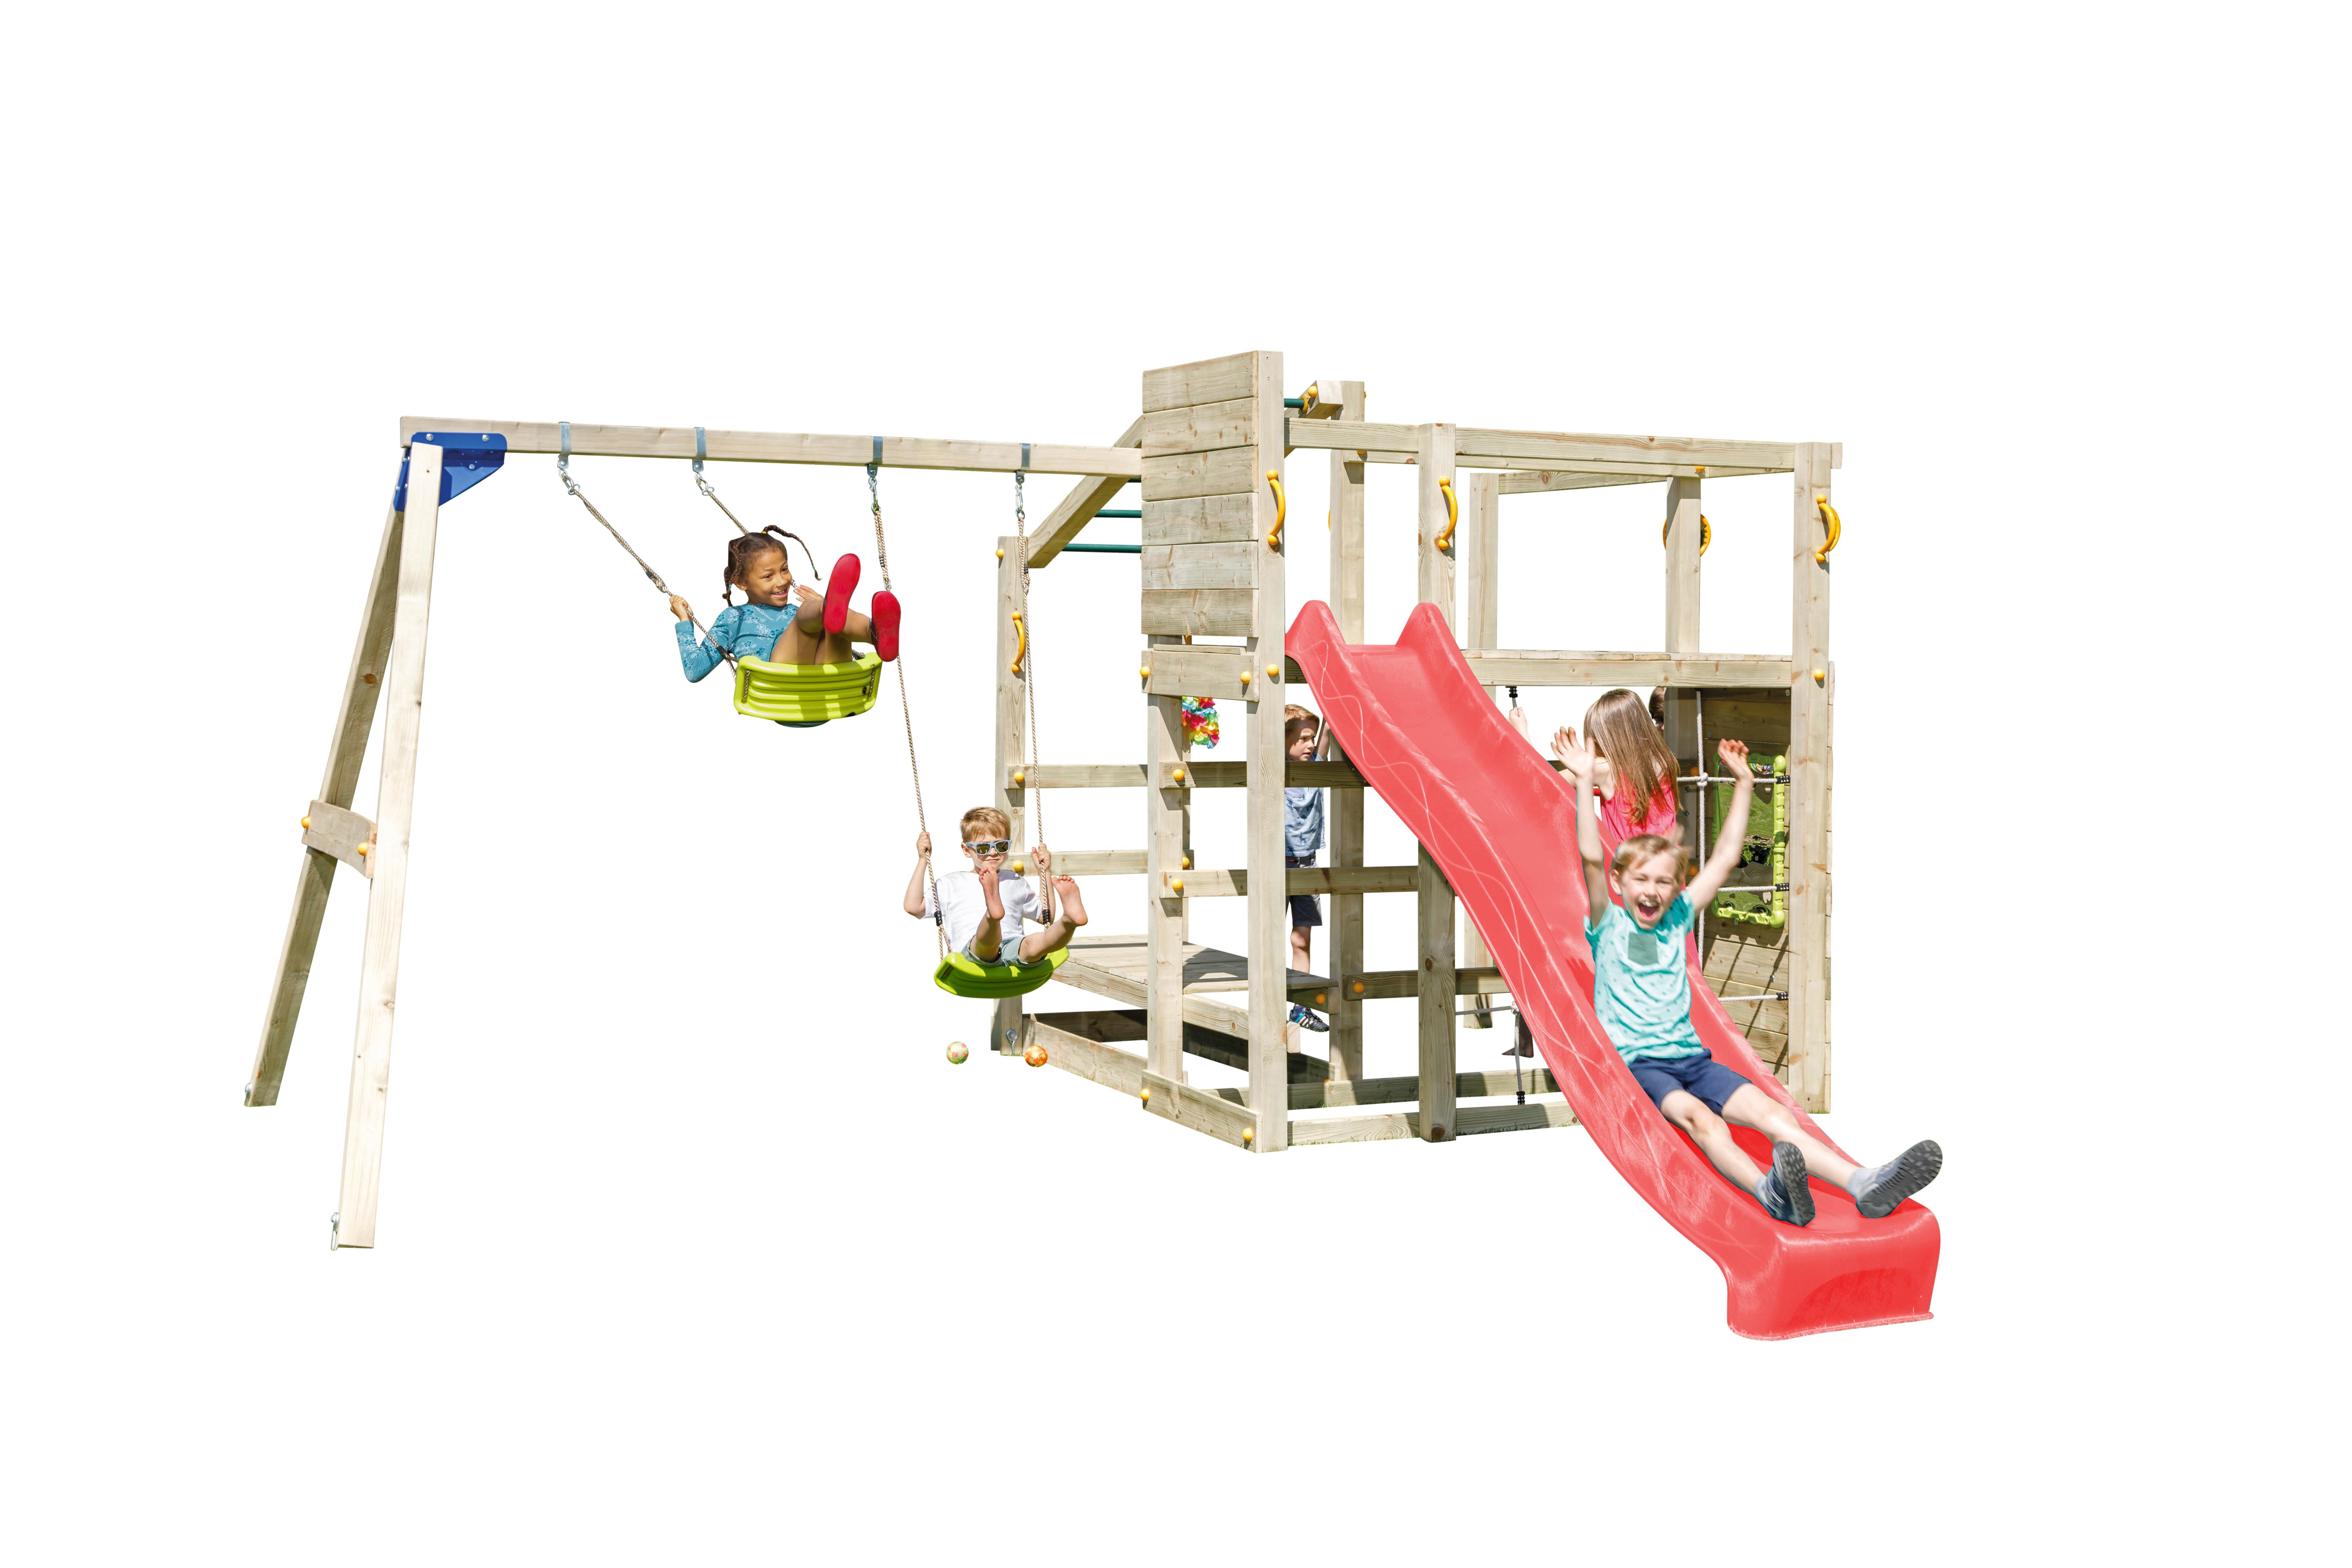 Doppelschaukel Mit Klettergerüst : Spielturm crossfit mit rutsche doppelschaukel